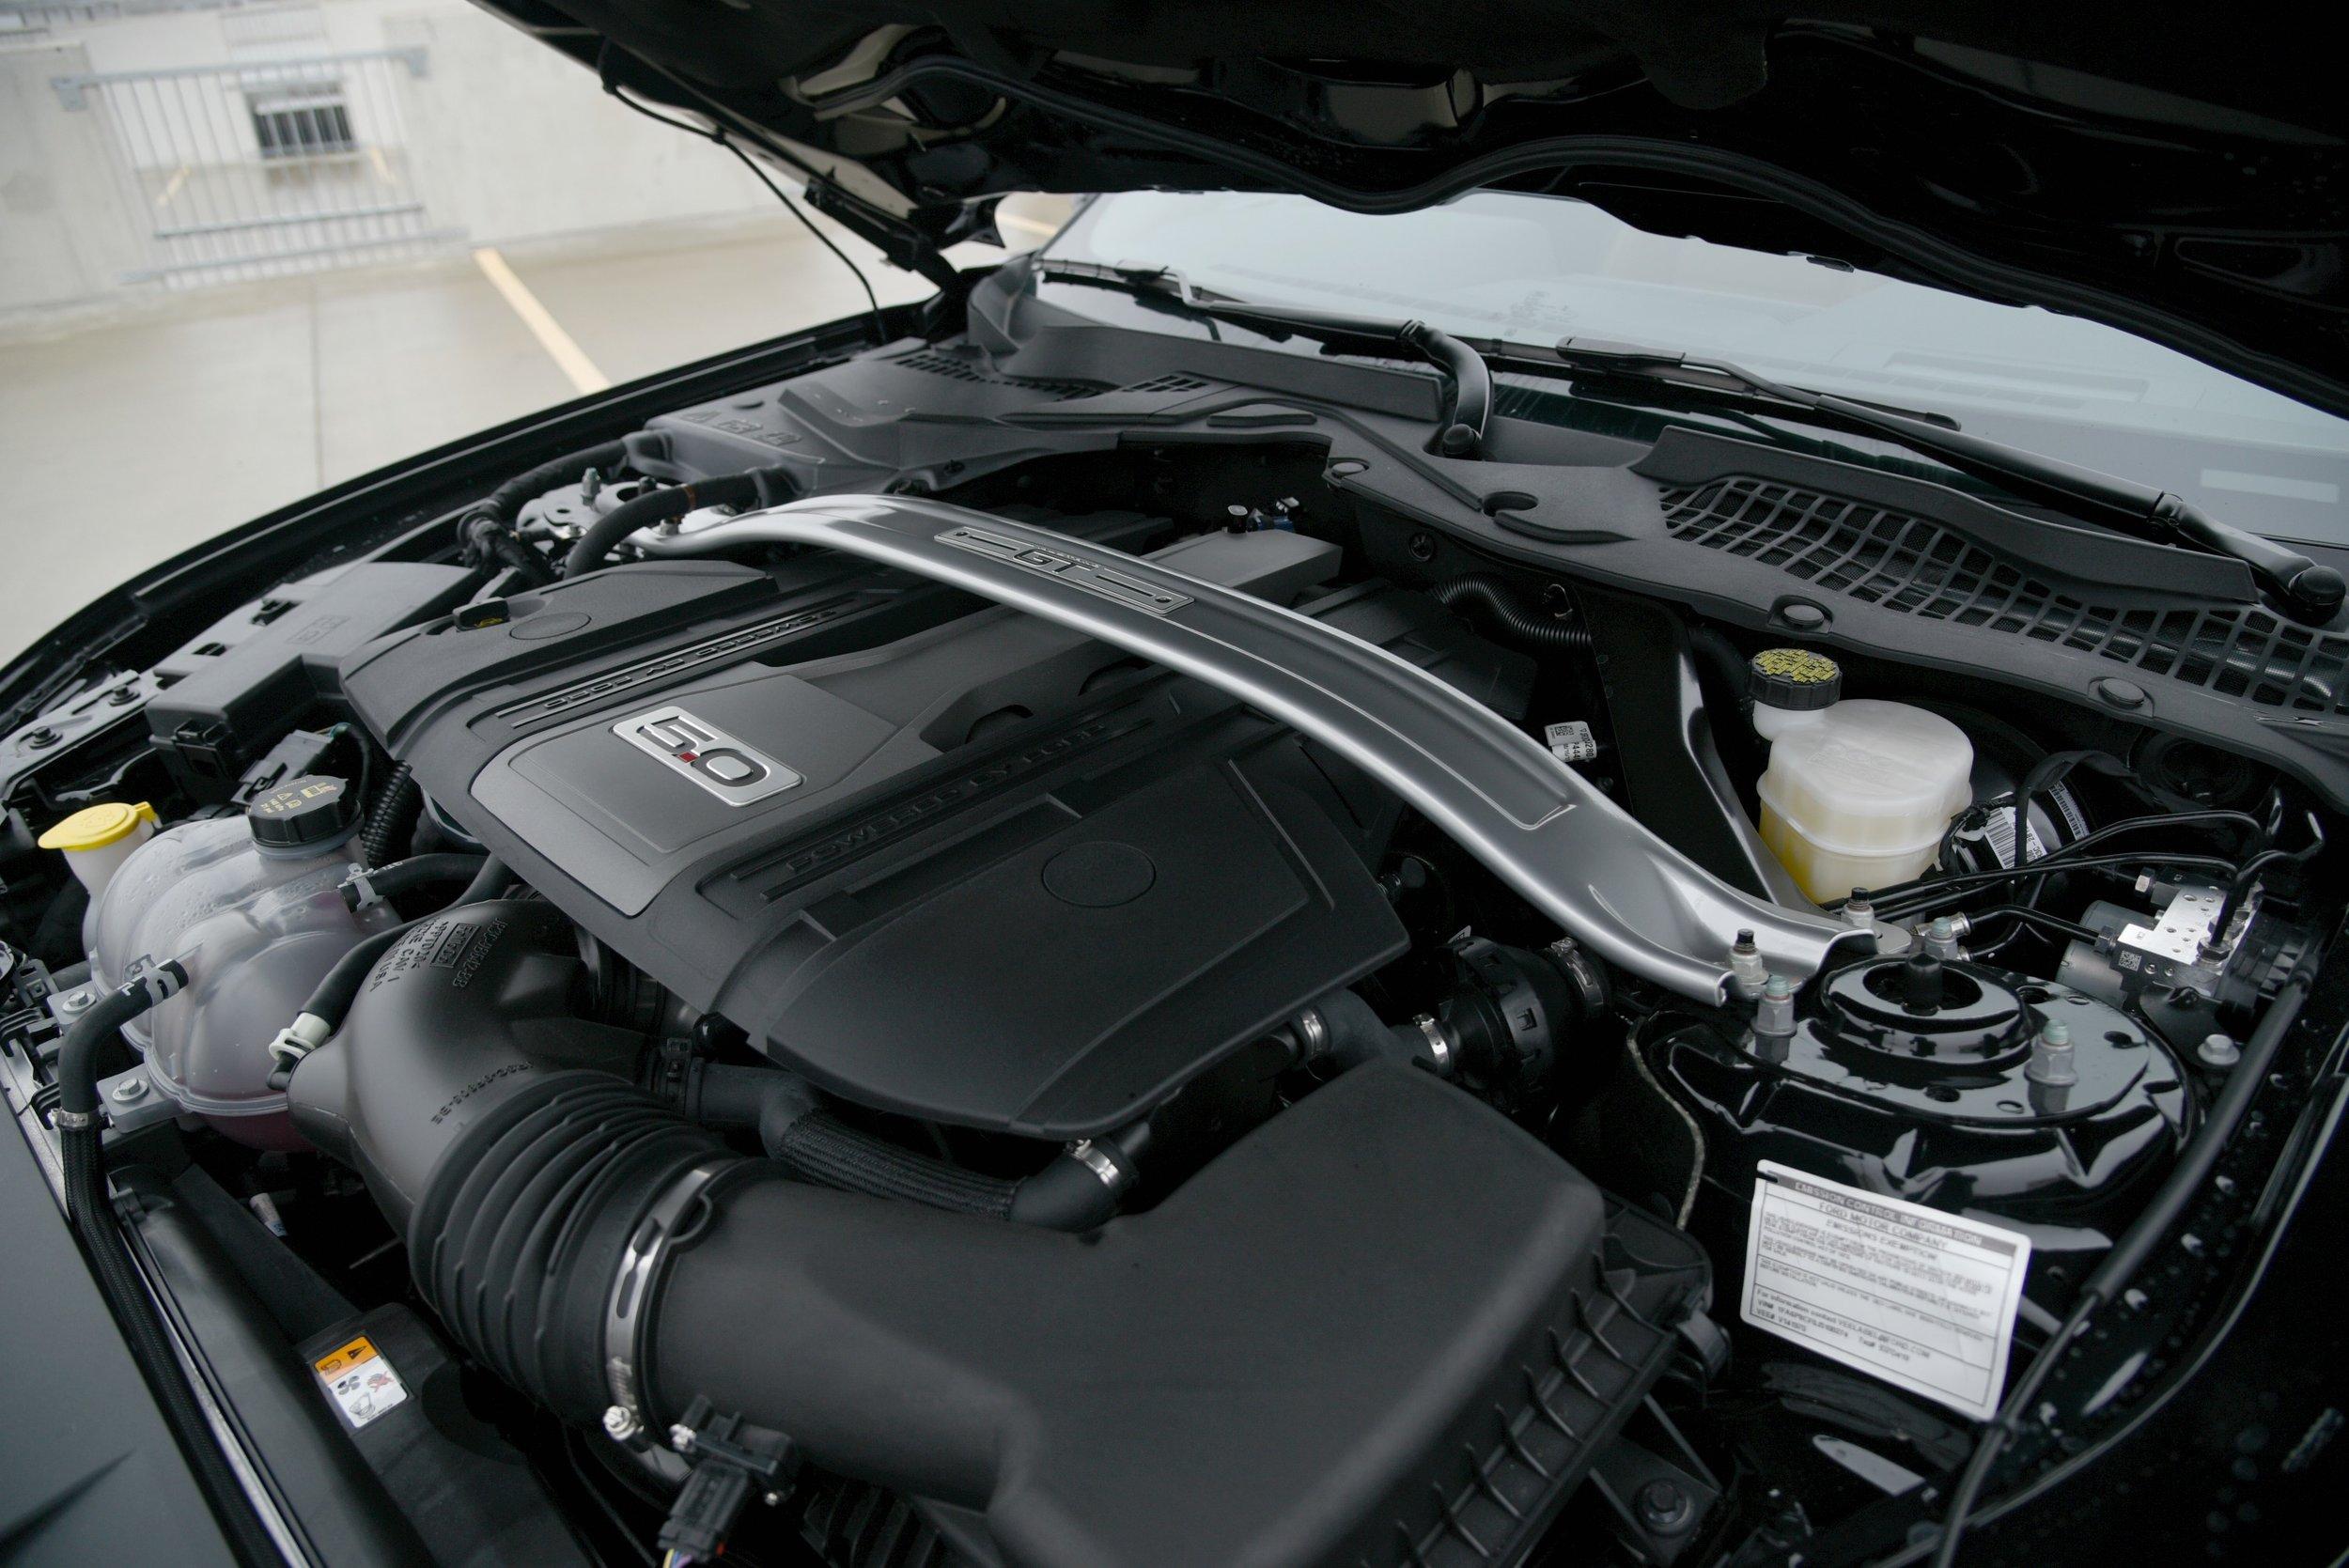 Mustang-Engine.jpg